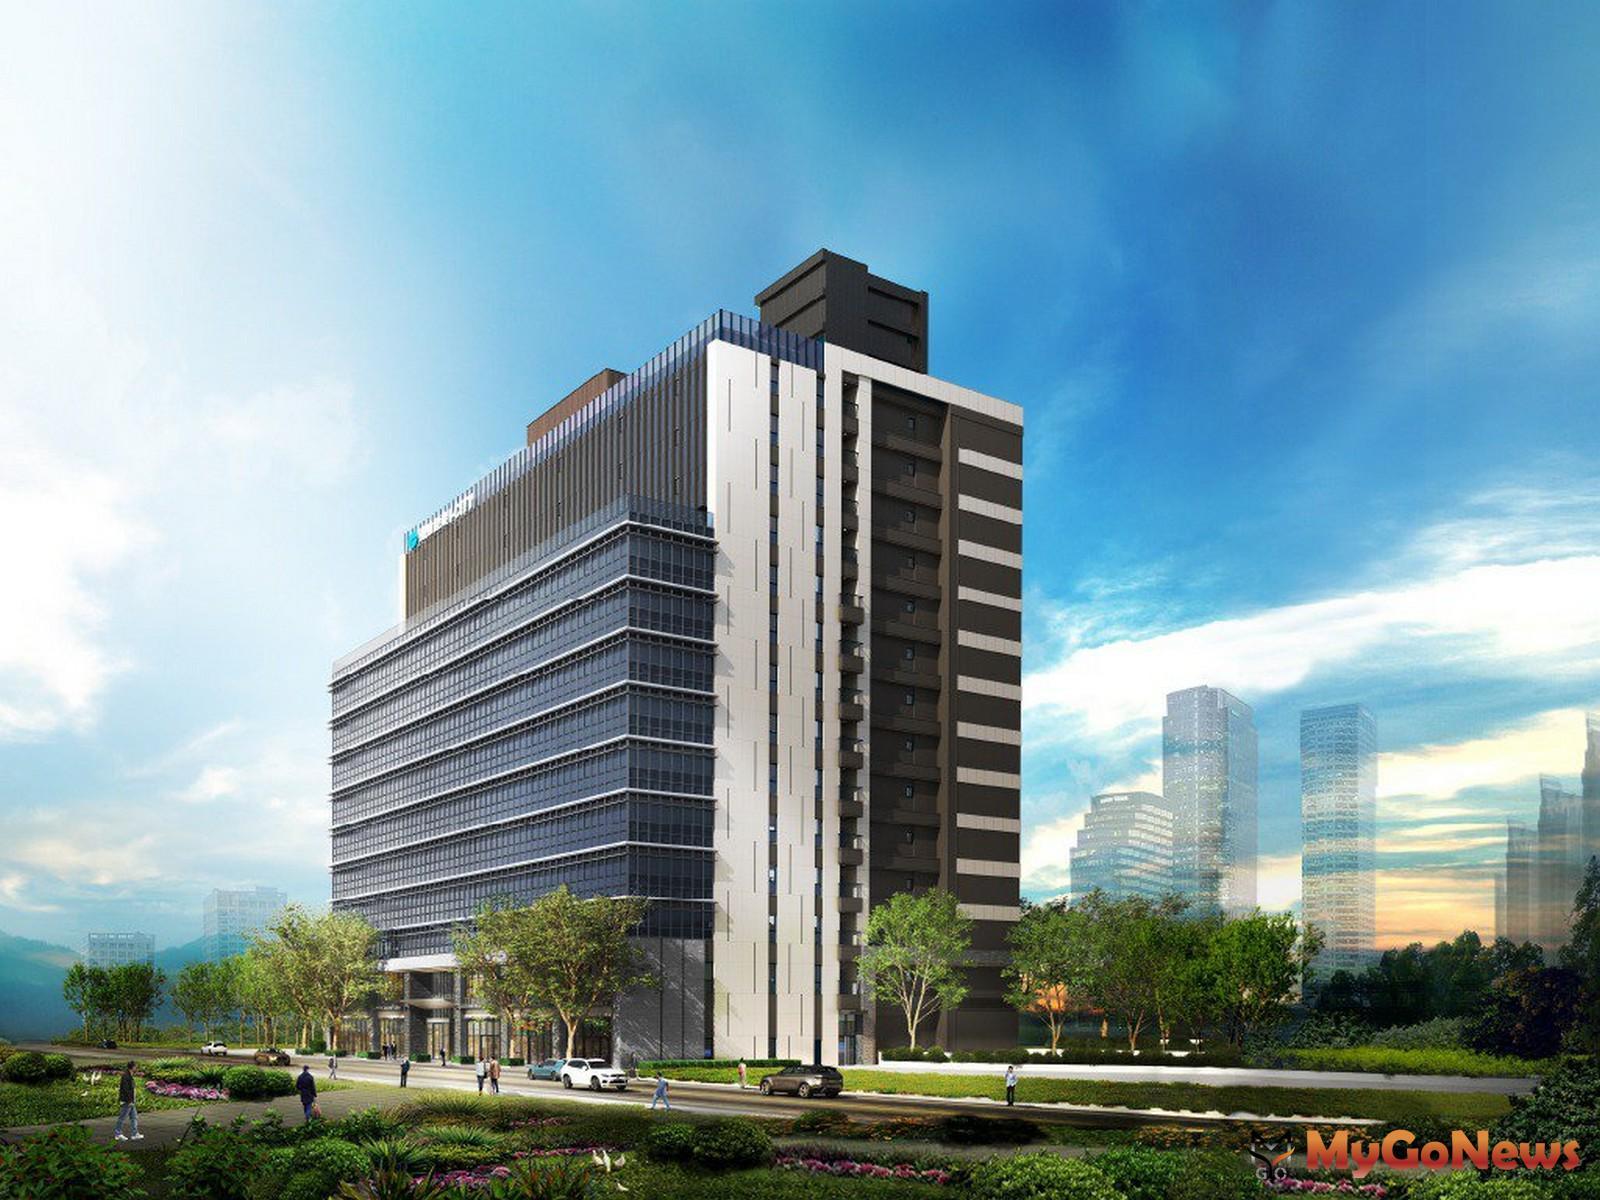 遠雄建設與上市紡織大廠聯手在南港打造人性化的企業總部「遠雄宜進I-CITY」。圖/業者提供 MyGoNews房地產新聞 熱銷推案